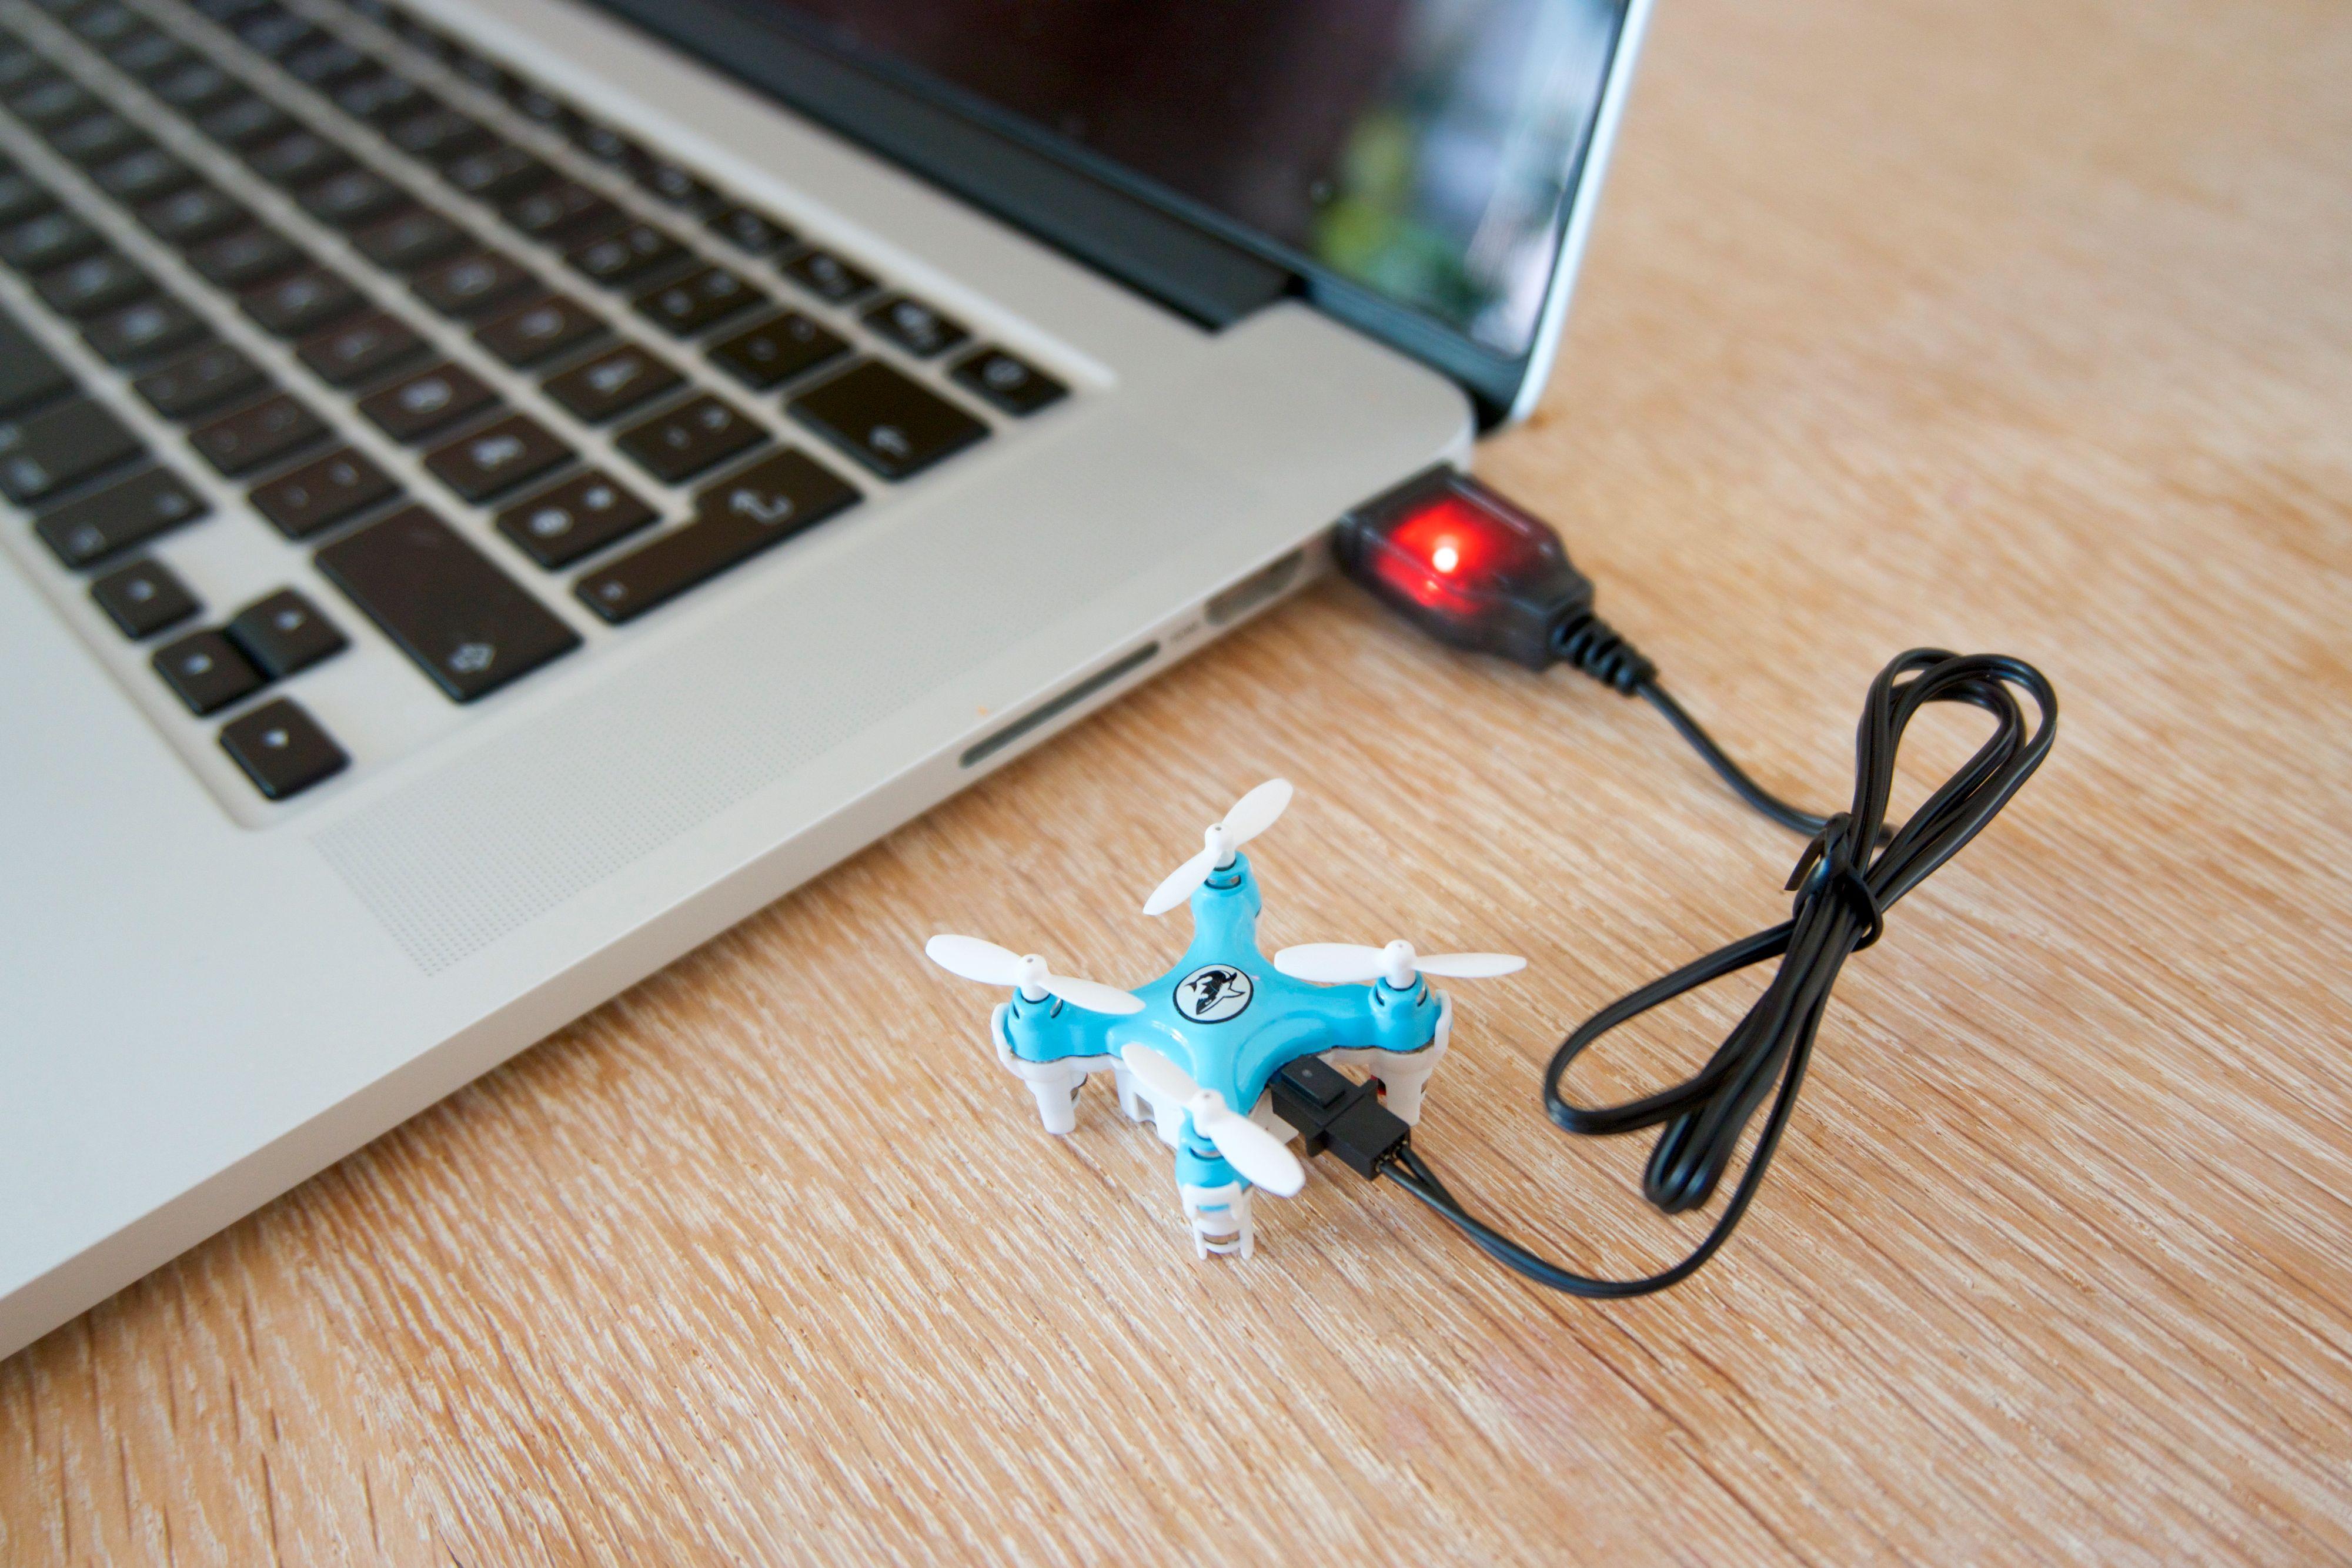 Flere av droneprodusentene insisterer på at man skal lade dronene slik – gjennom en datamaskin. Men det er ikke noe problem å lade dem i vegguttaket heller.